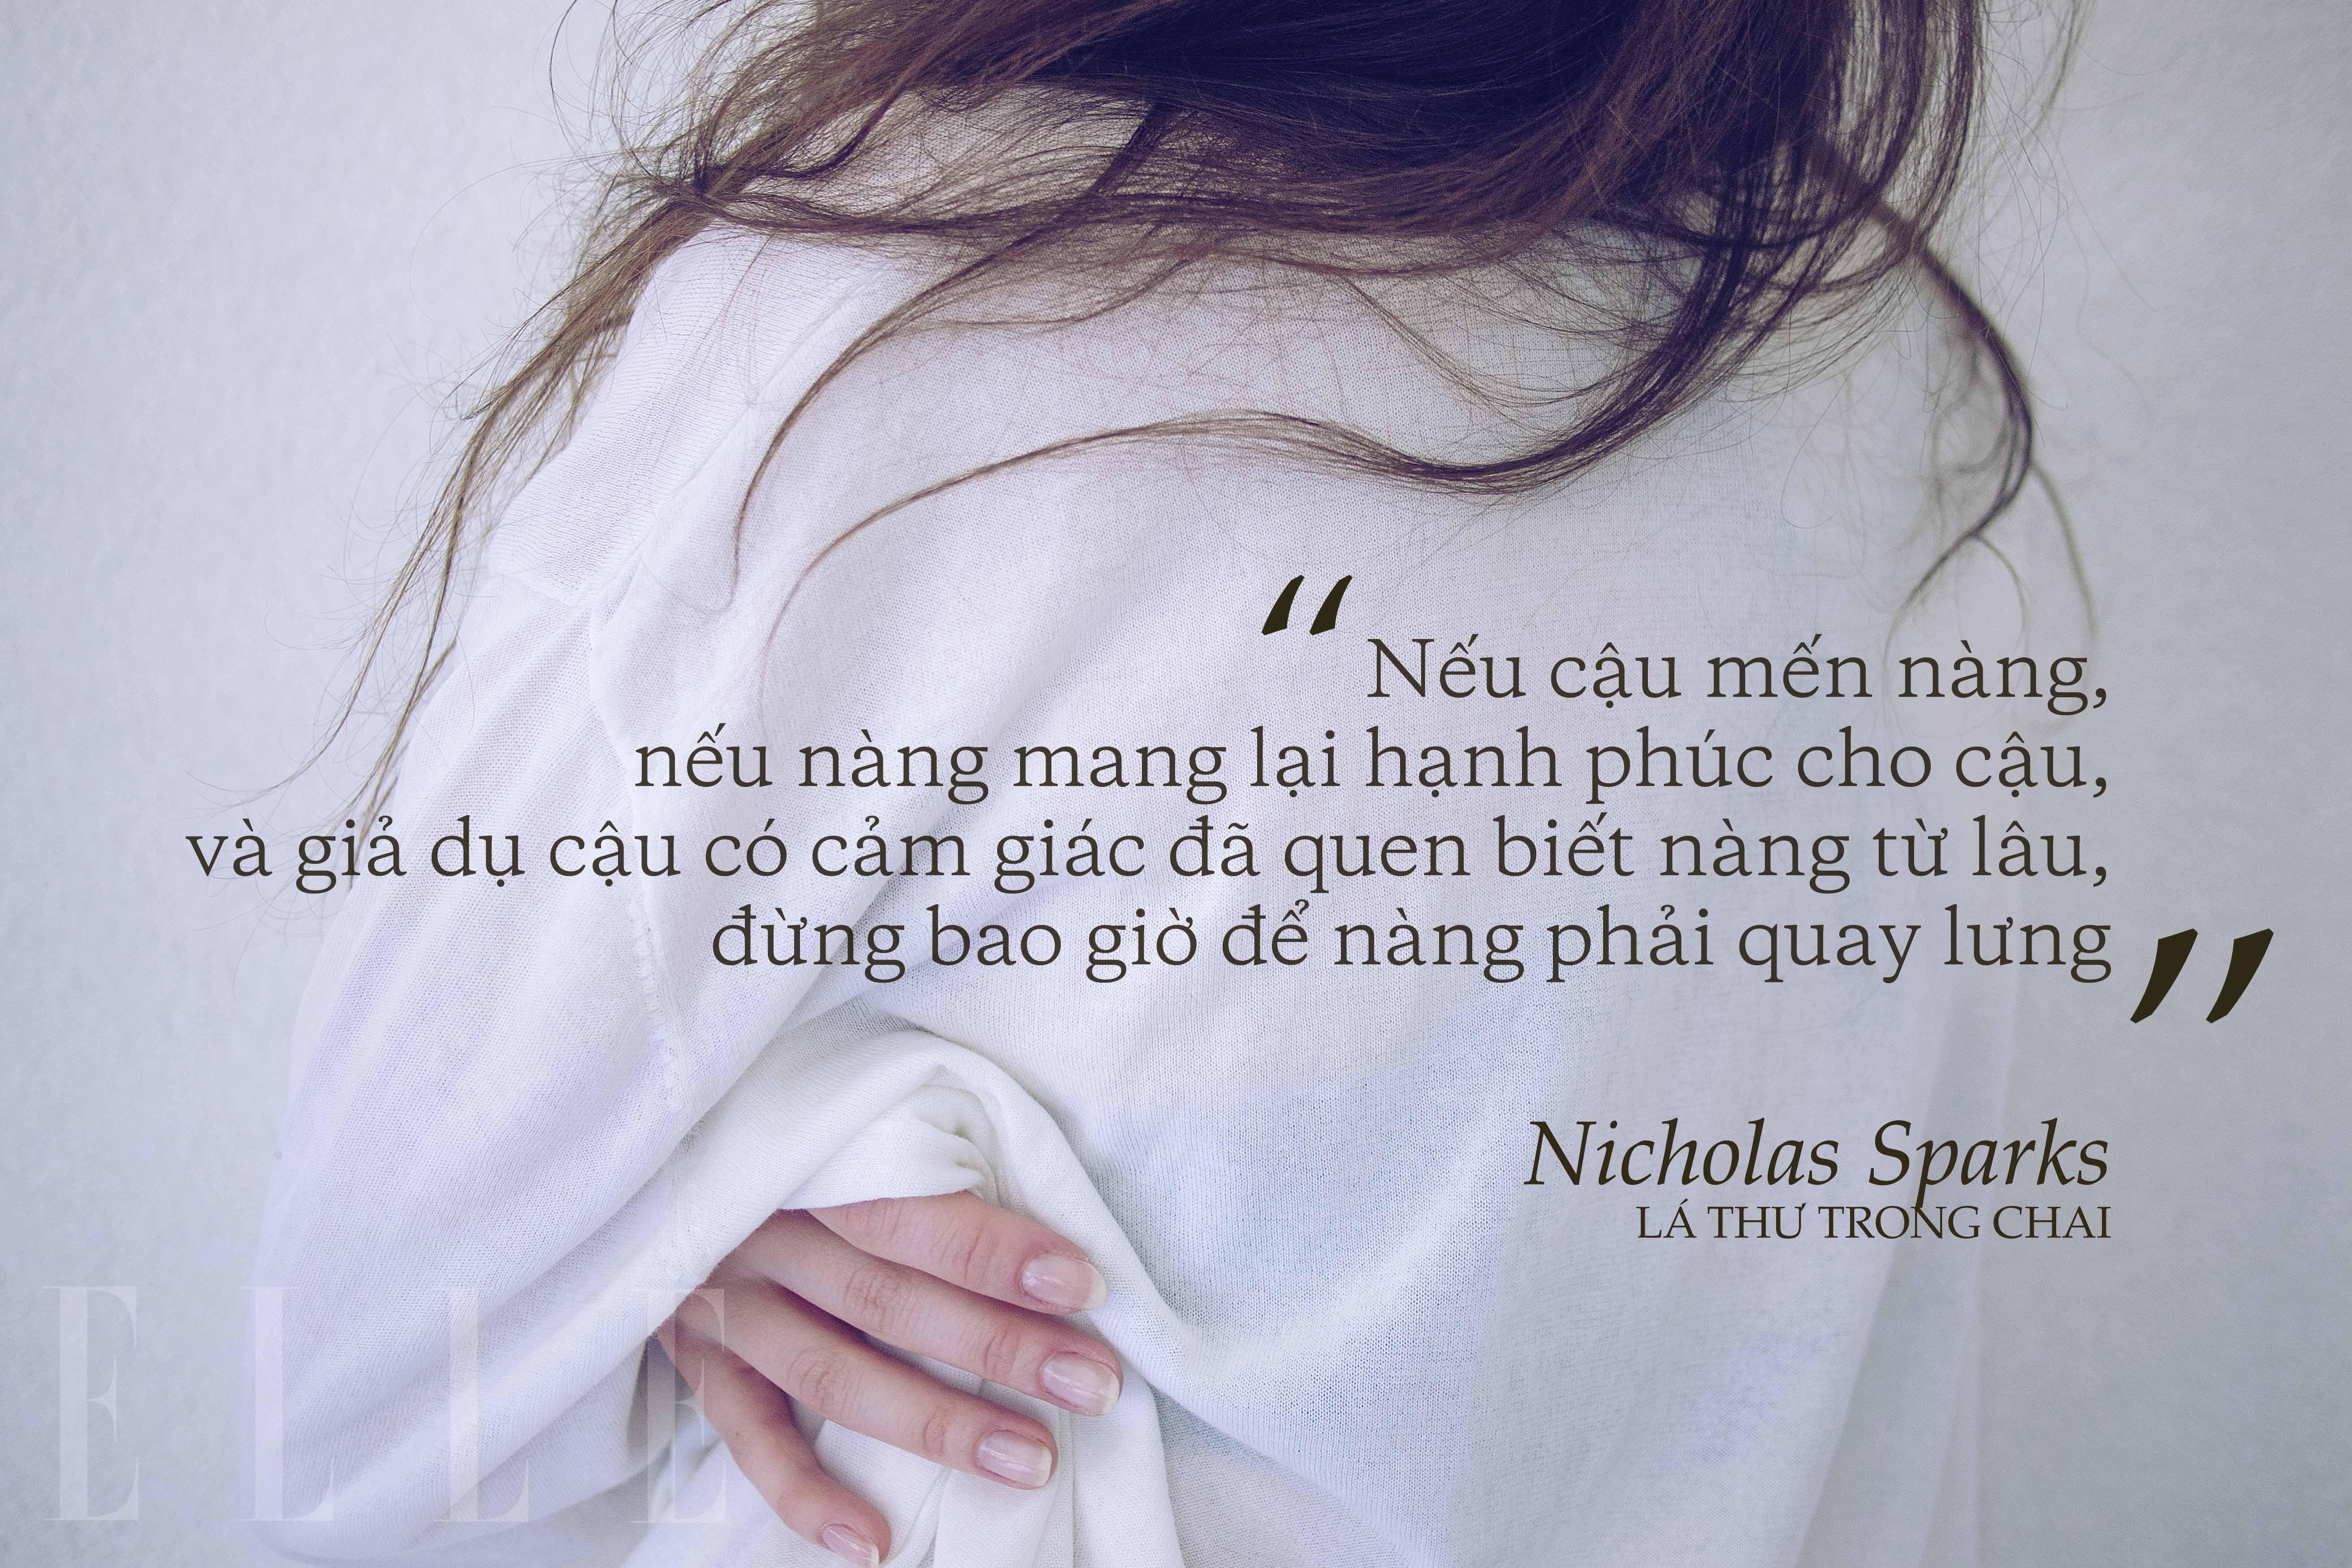 Nicholas Sparks 2